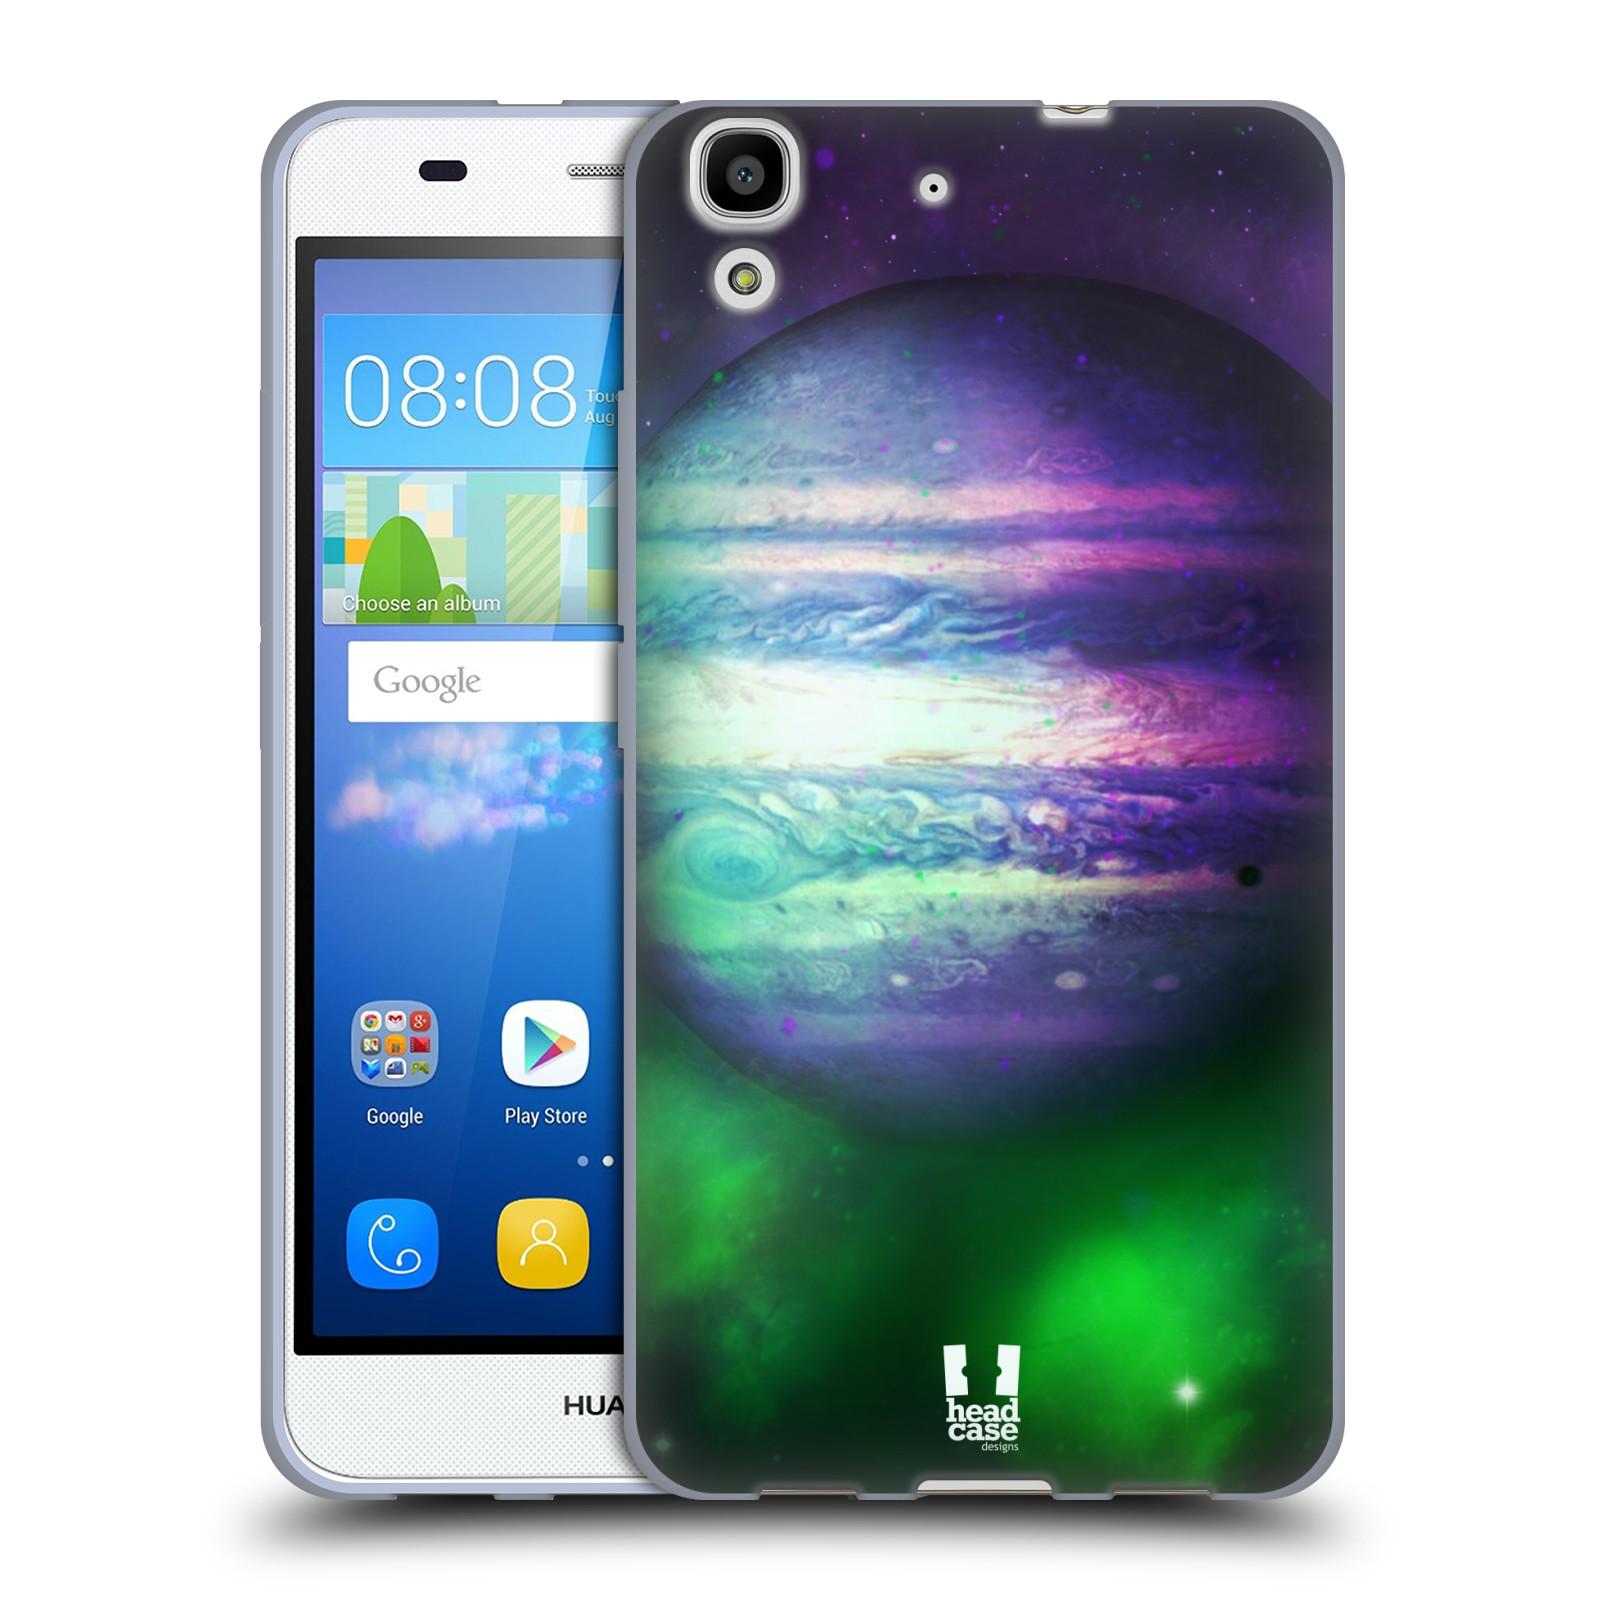 HEAD CASE silikonový obal na mobil HUAWEI Y6 vzor Vesmírná krása JUPITER  MODRÁ 12a303ae6fe